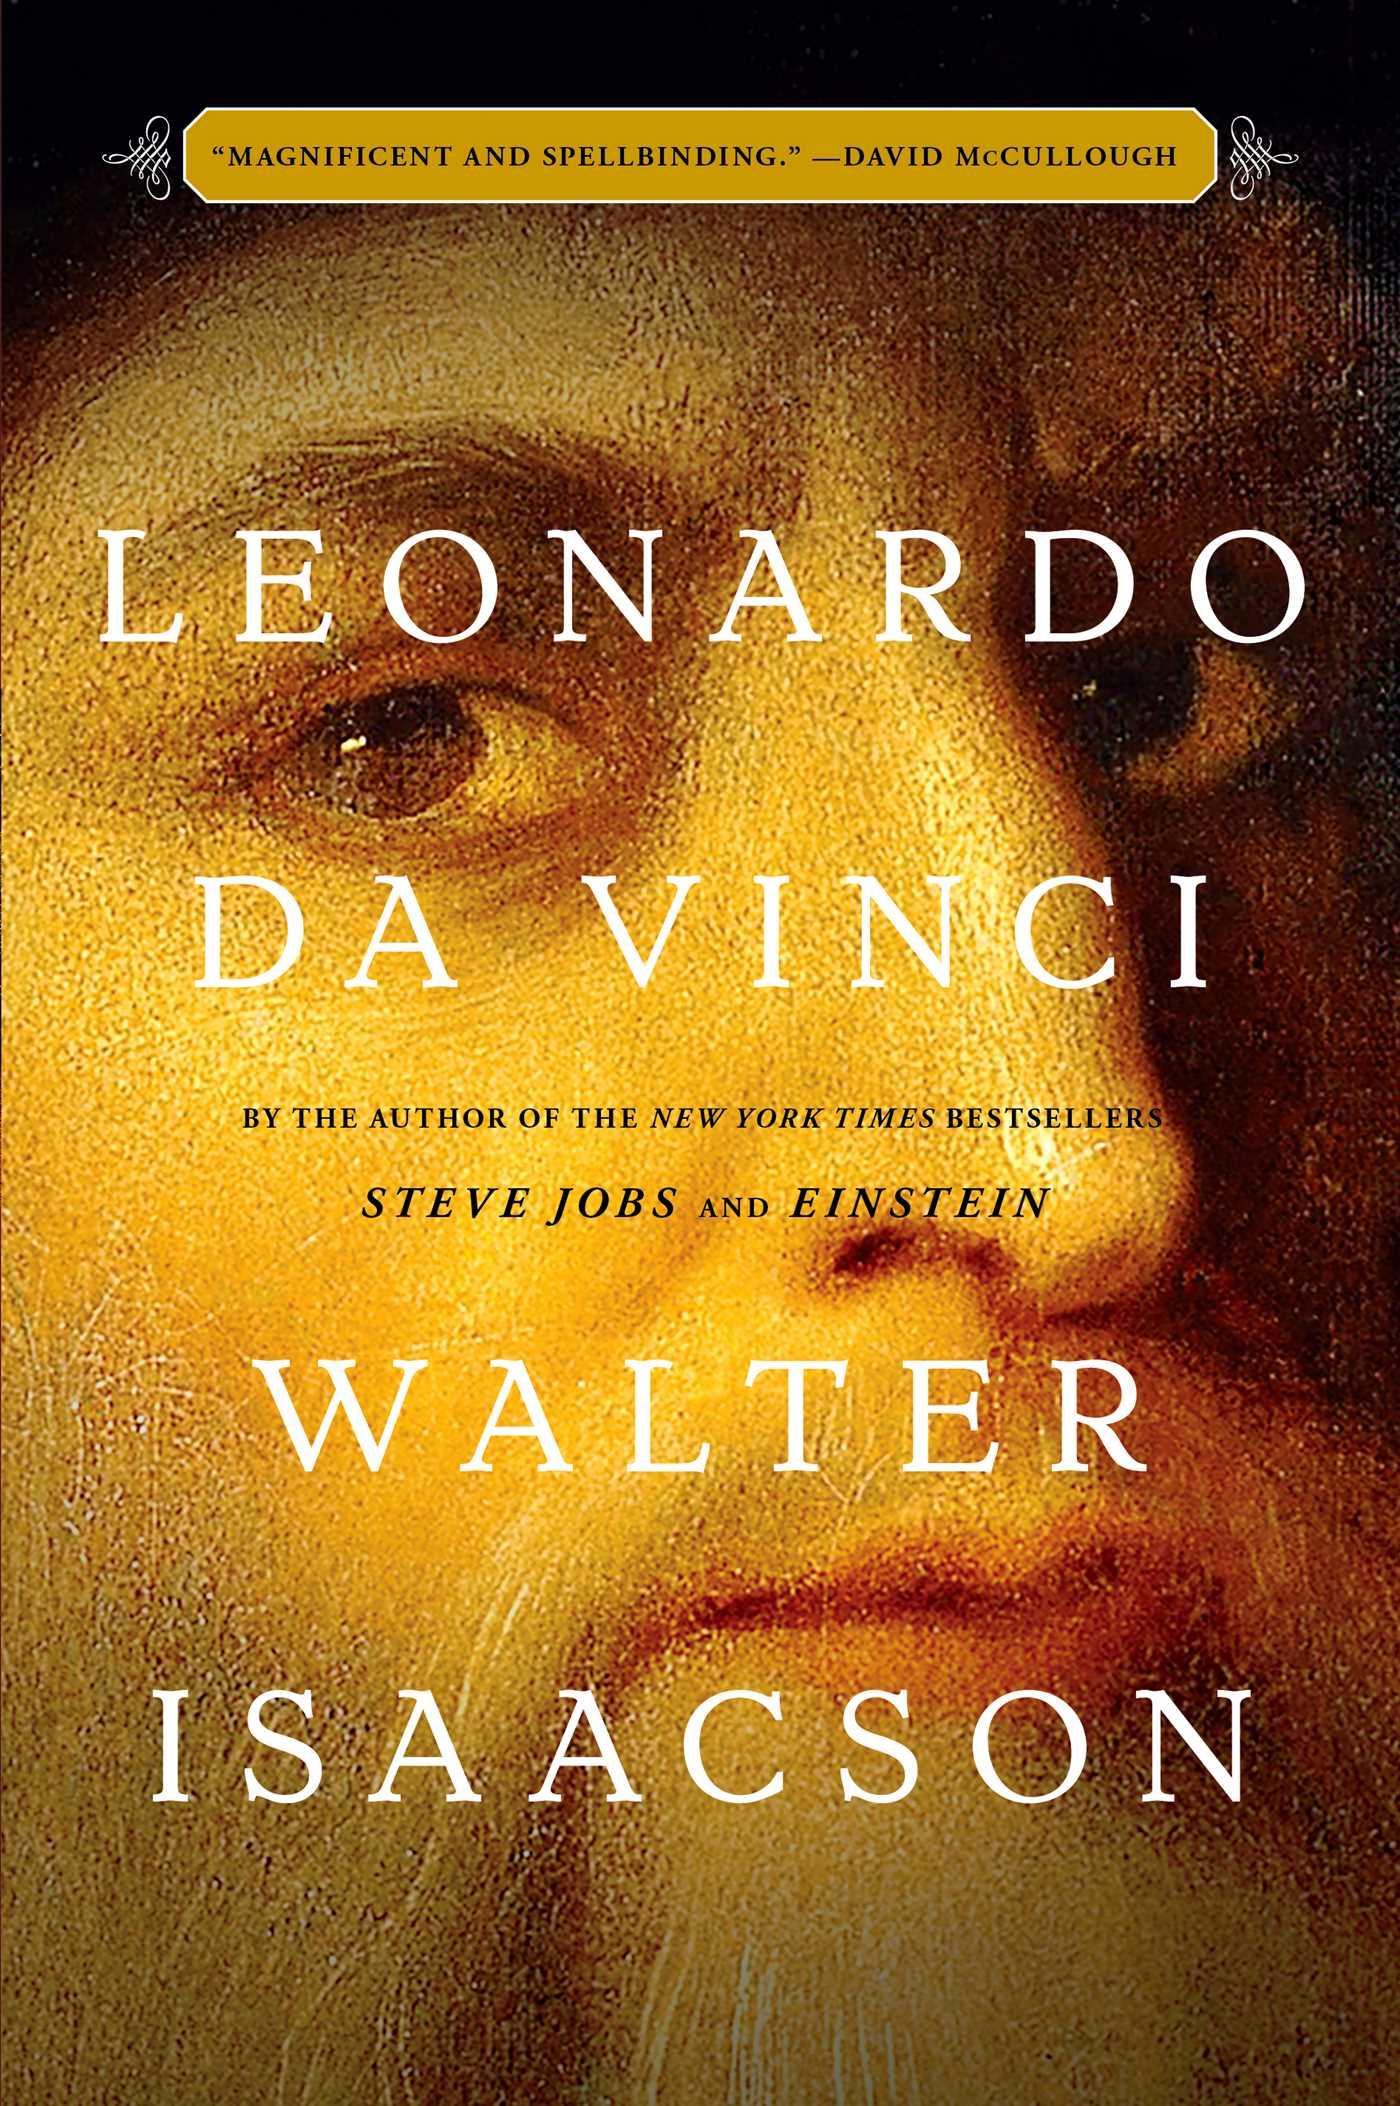 The cover of the book Leonardo da Vinci